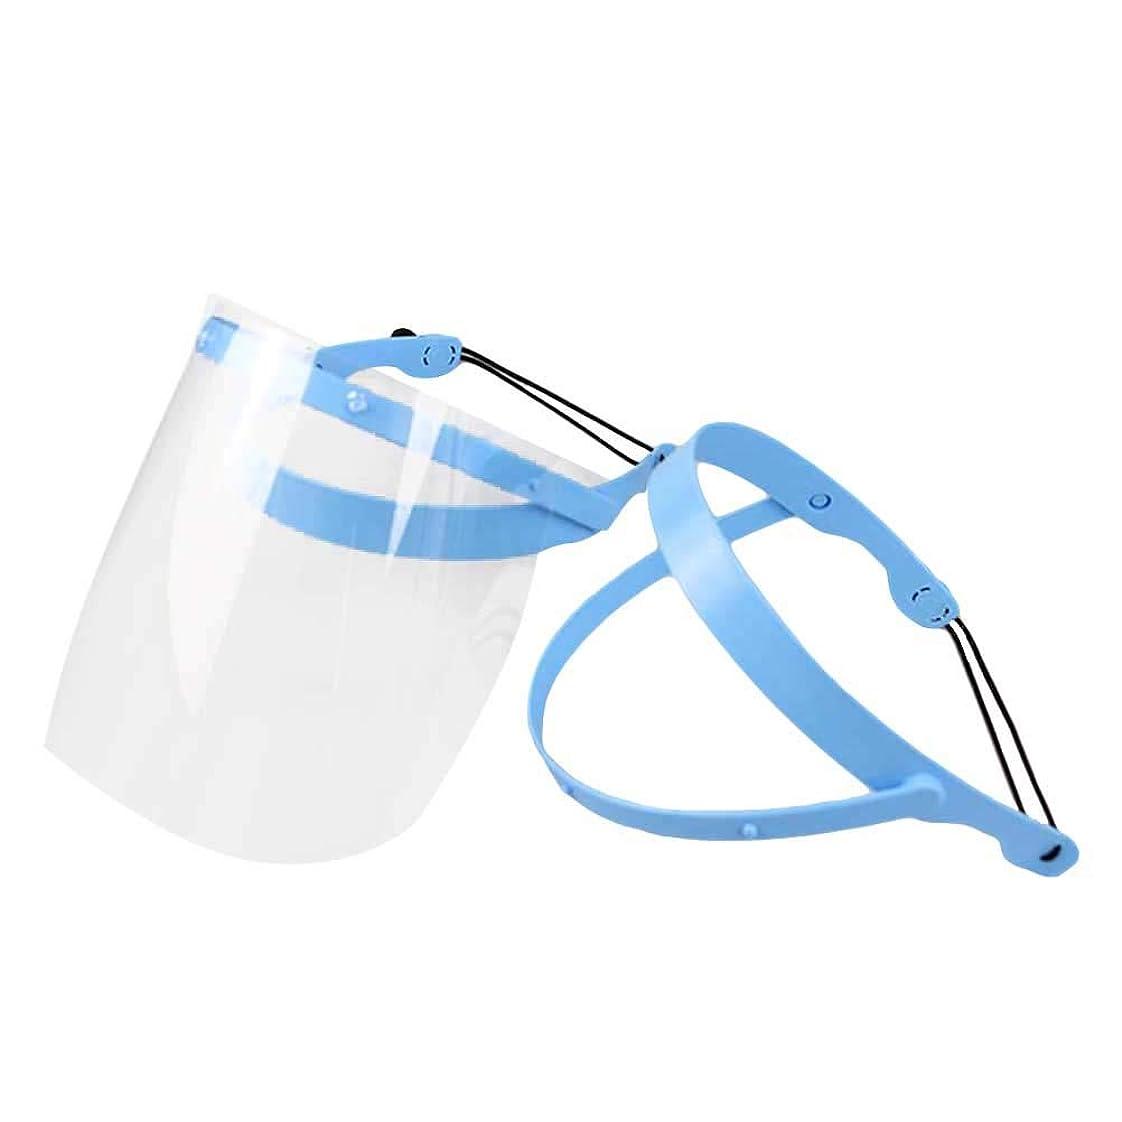 誤ってミケランジェロハムSUPVOX デンタルフェイスシールドマスク保護フィルム調節可能な歯科フルフェイスシールド口衛生マスク